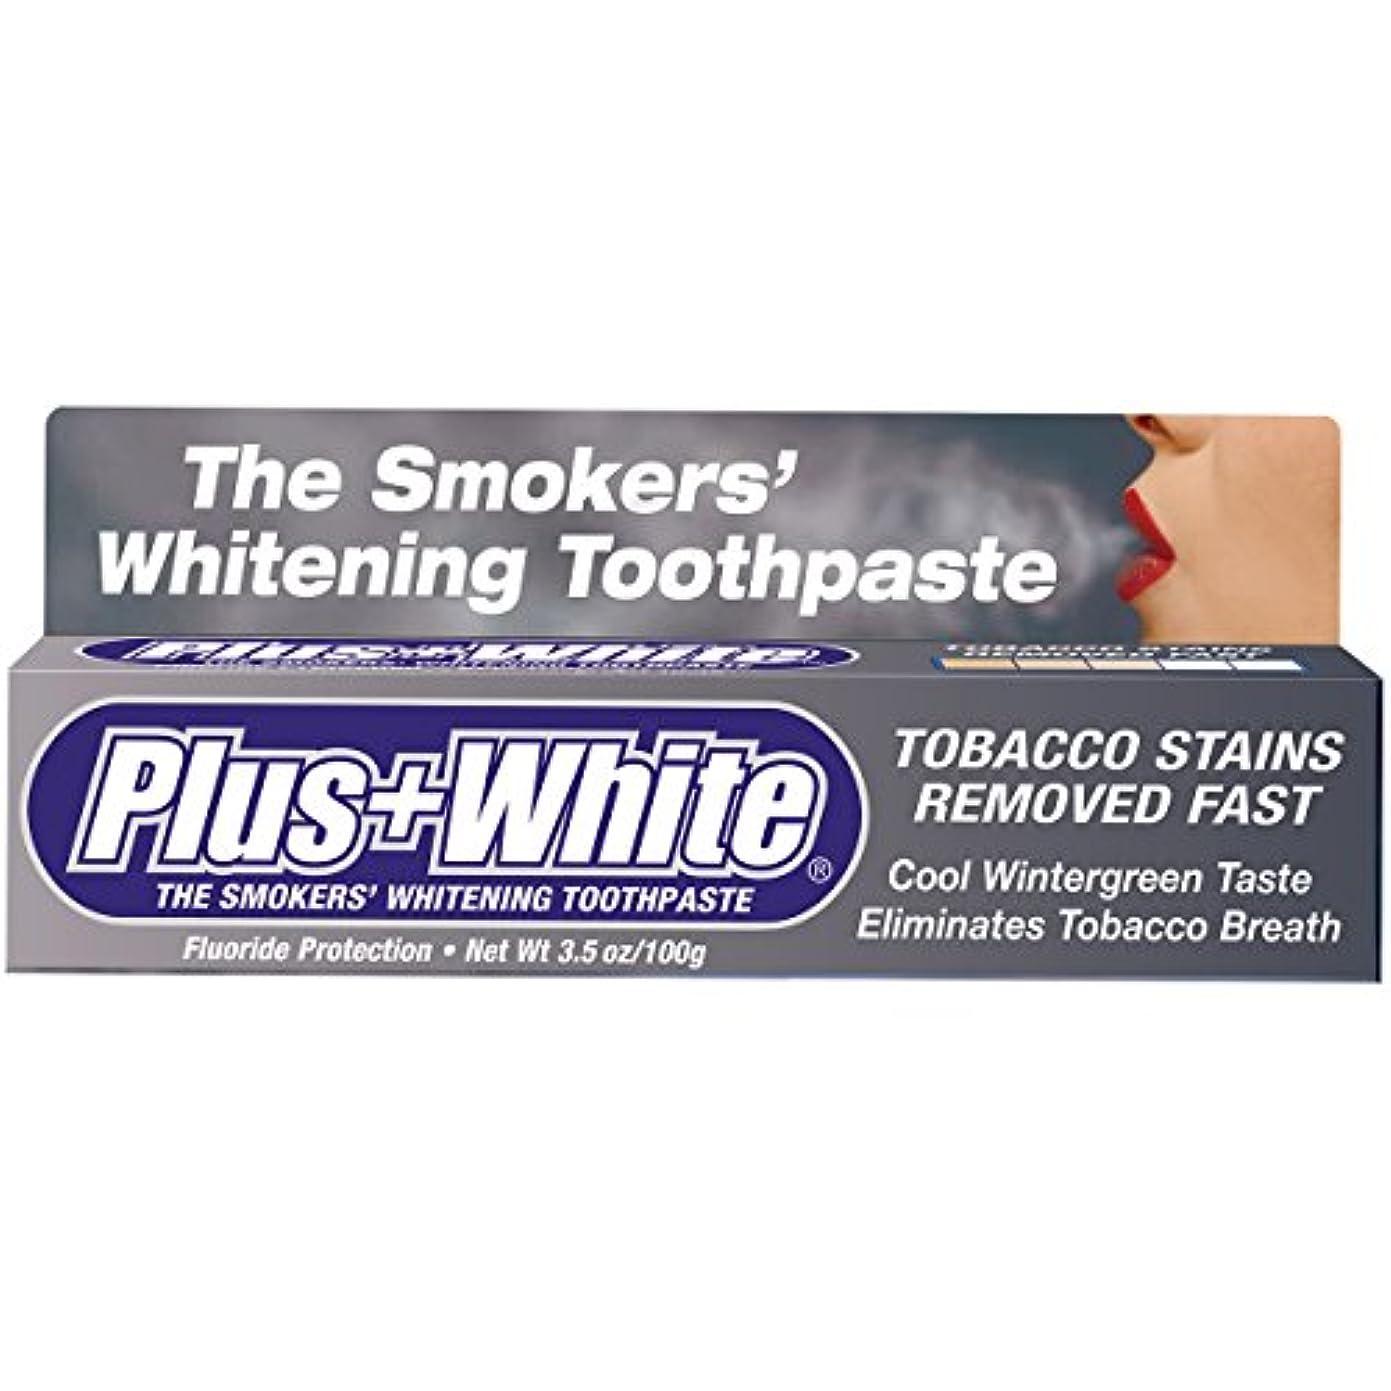 困難セメント宣教師Plus White, The Smokers' Whitening Toothpaste, Cooling Peppermint Flavor, 3.5 oz (100 g)